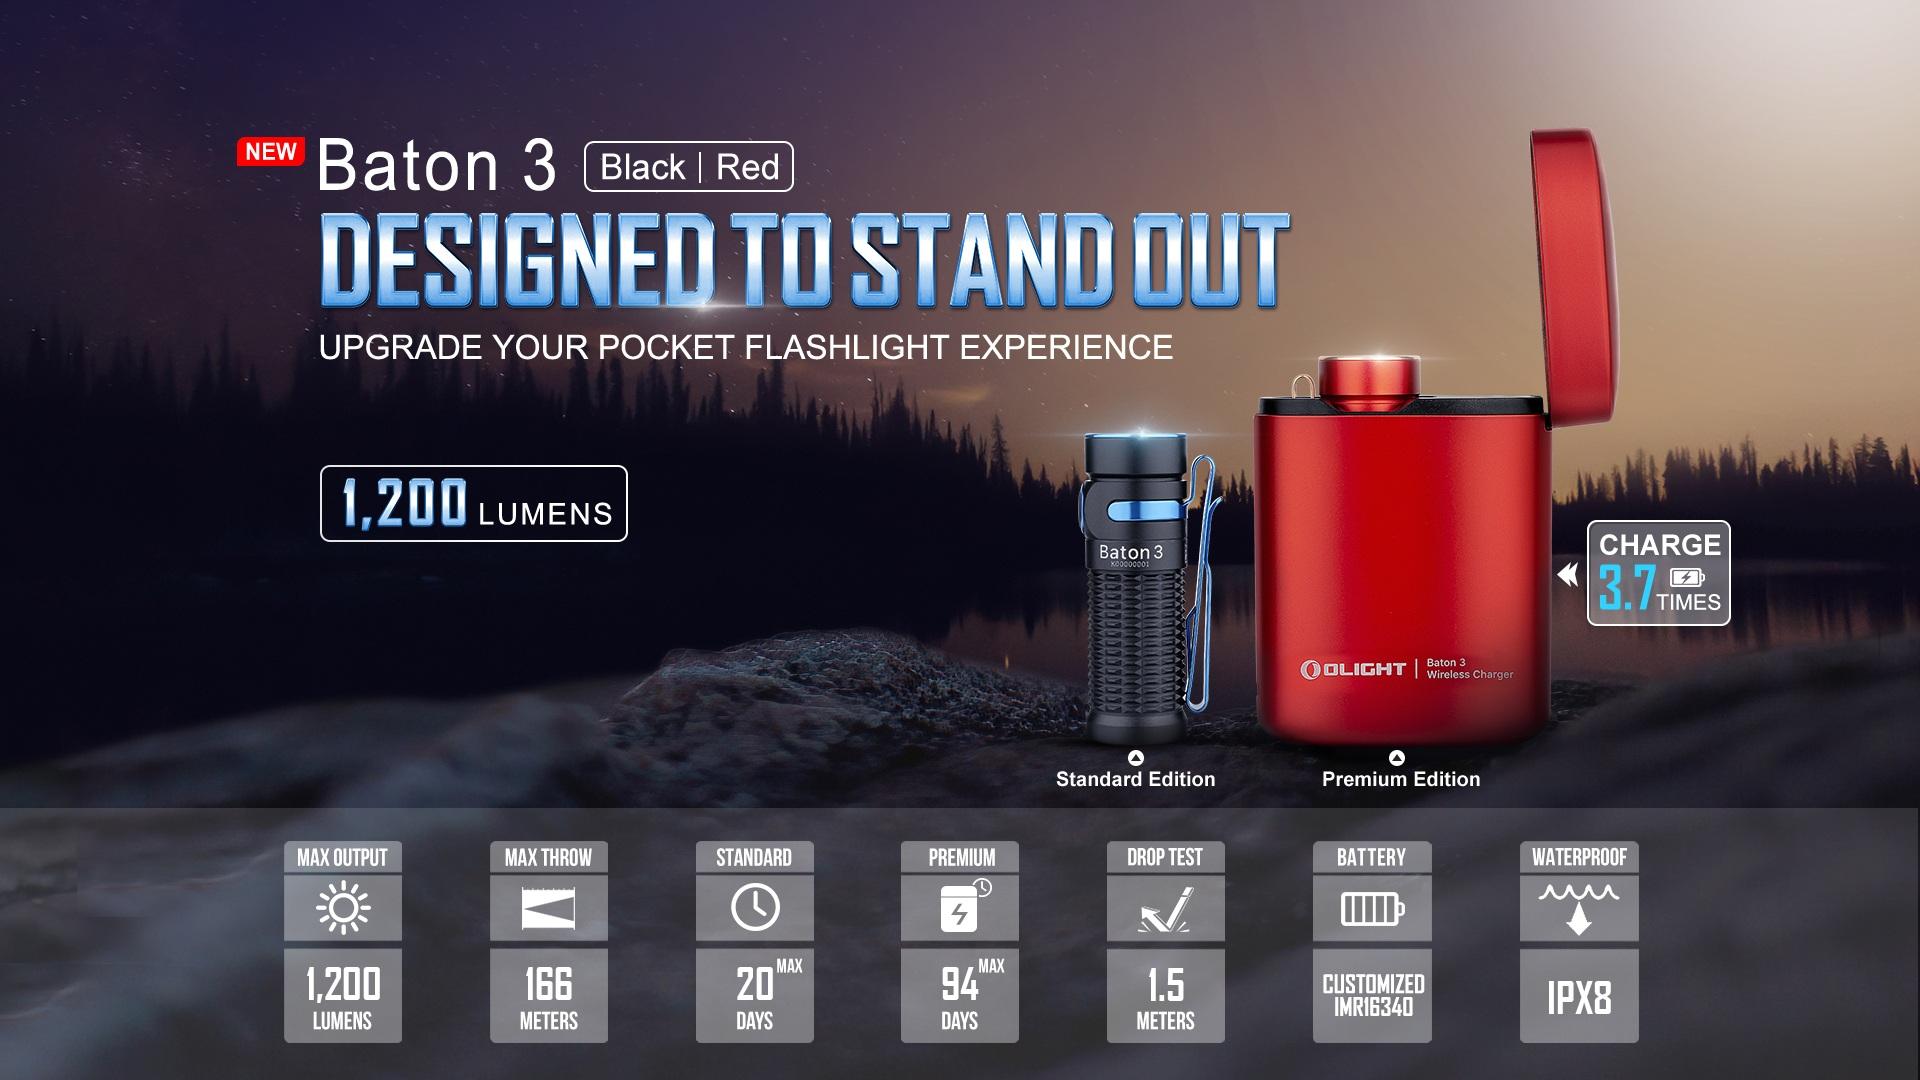 baton 3 red flashlight